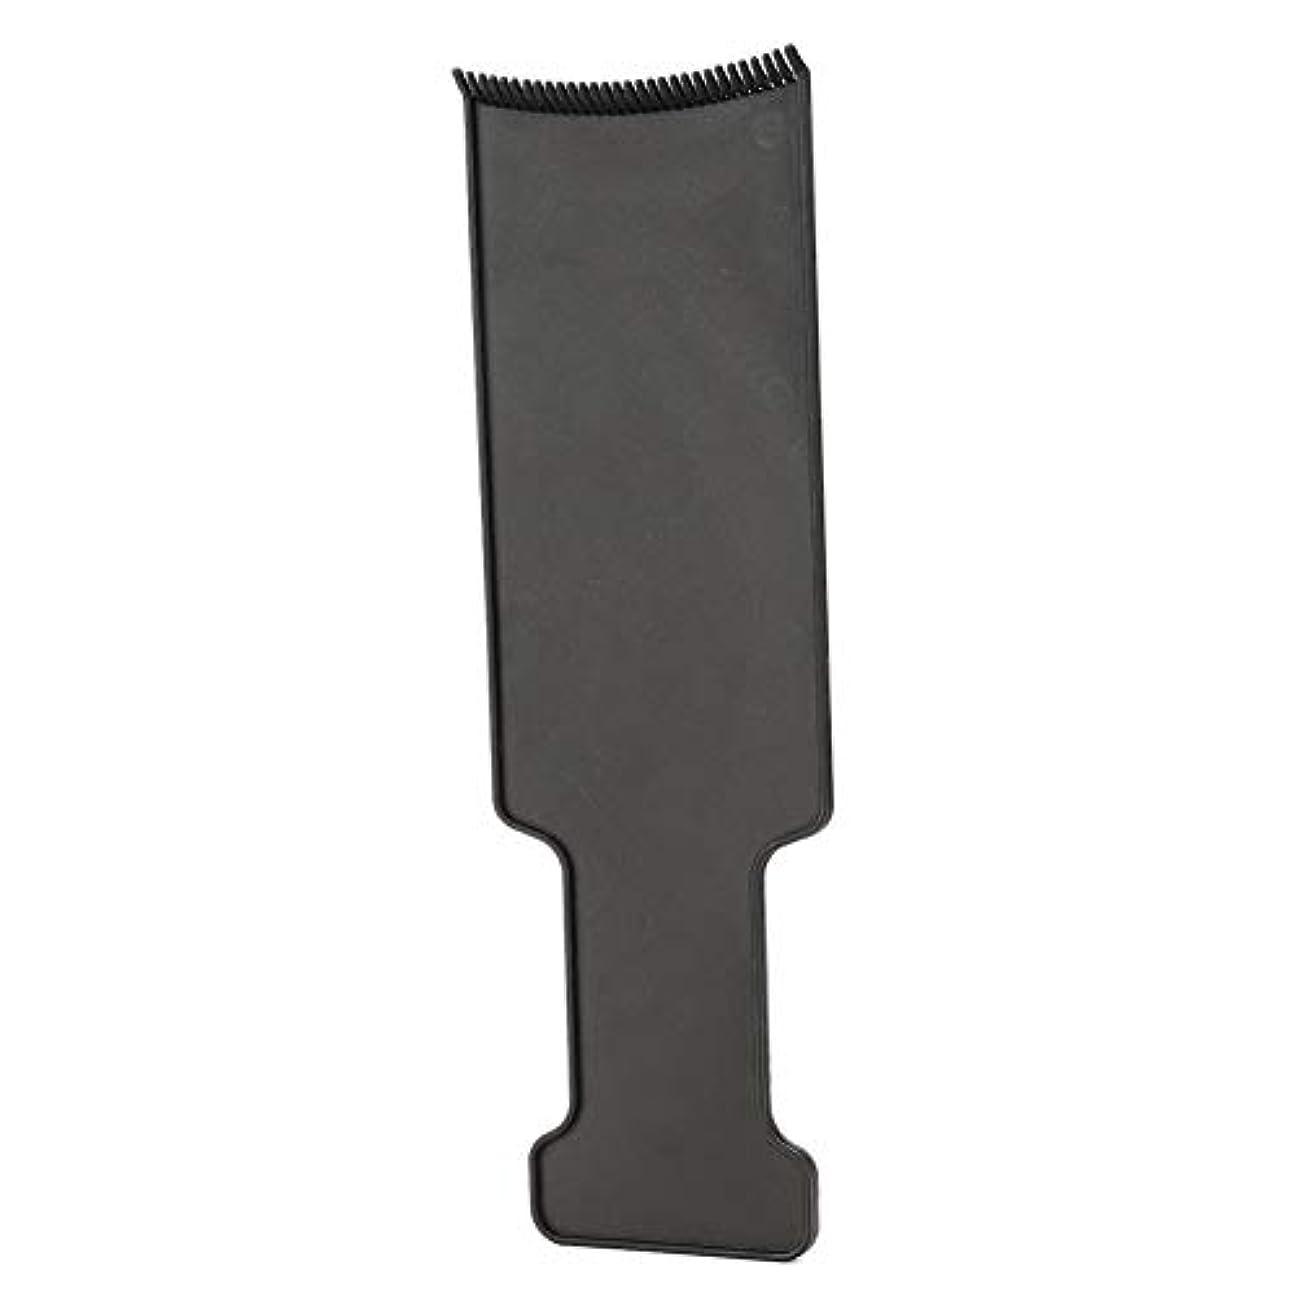 満足させるどこ冗長ヘアダイカラーブラシ、3サイズヘアダイコームサロン理髪スタイリングツール家庭用およびサロン用途(M)